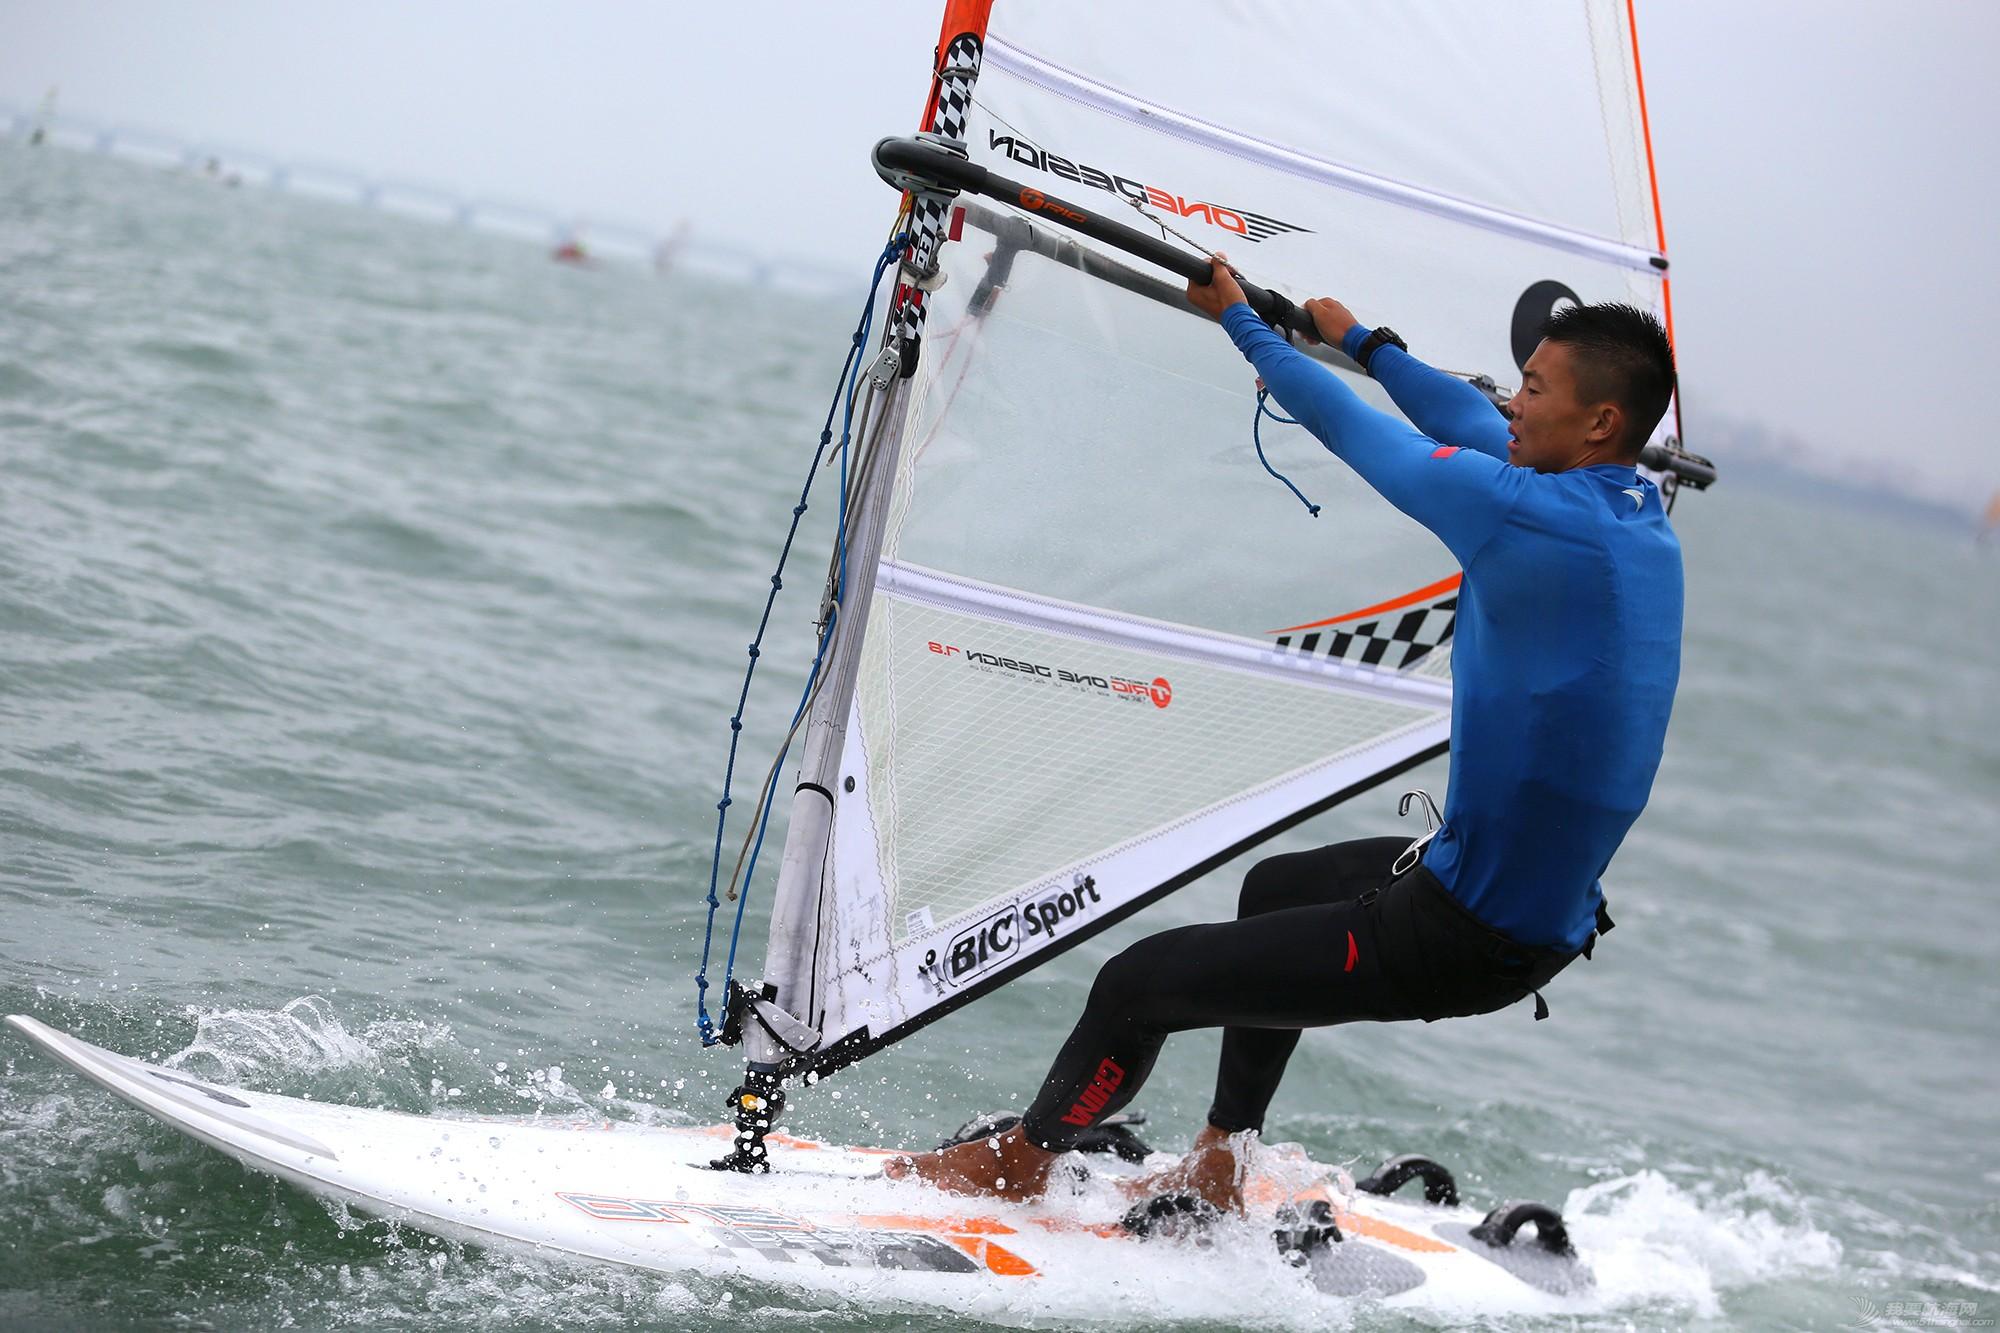 山东省,运动员,冠军赛,天气,帆板 风生水起,怎奈个个都是浪里白条——山东省帆船帆板冠军赛第二天赛况 5V8A2432副本.jpg